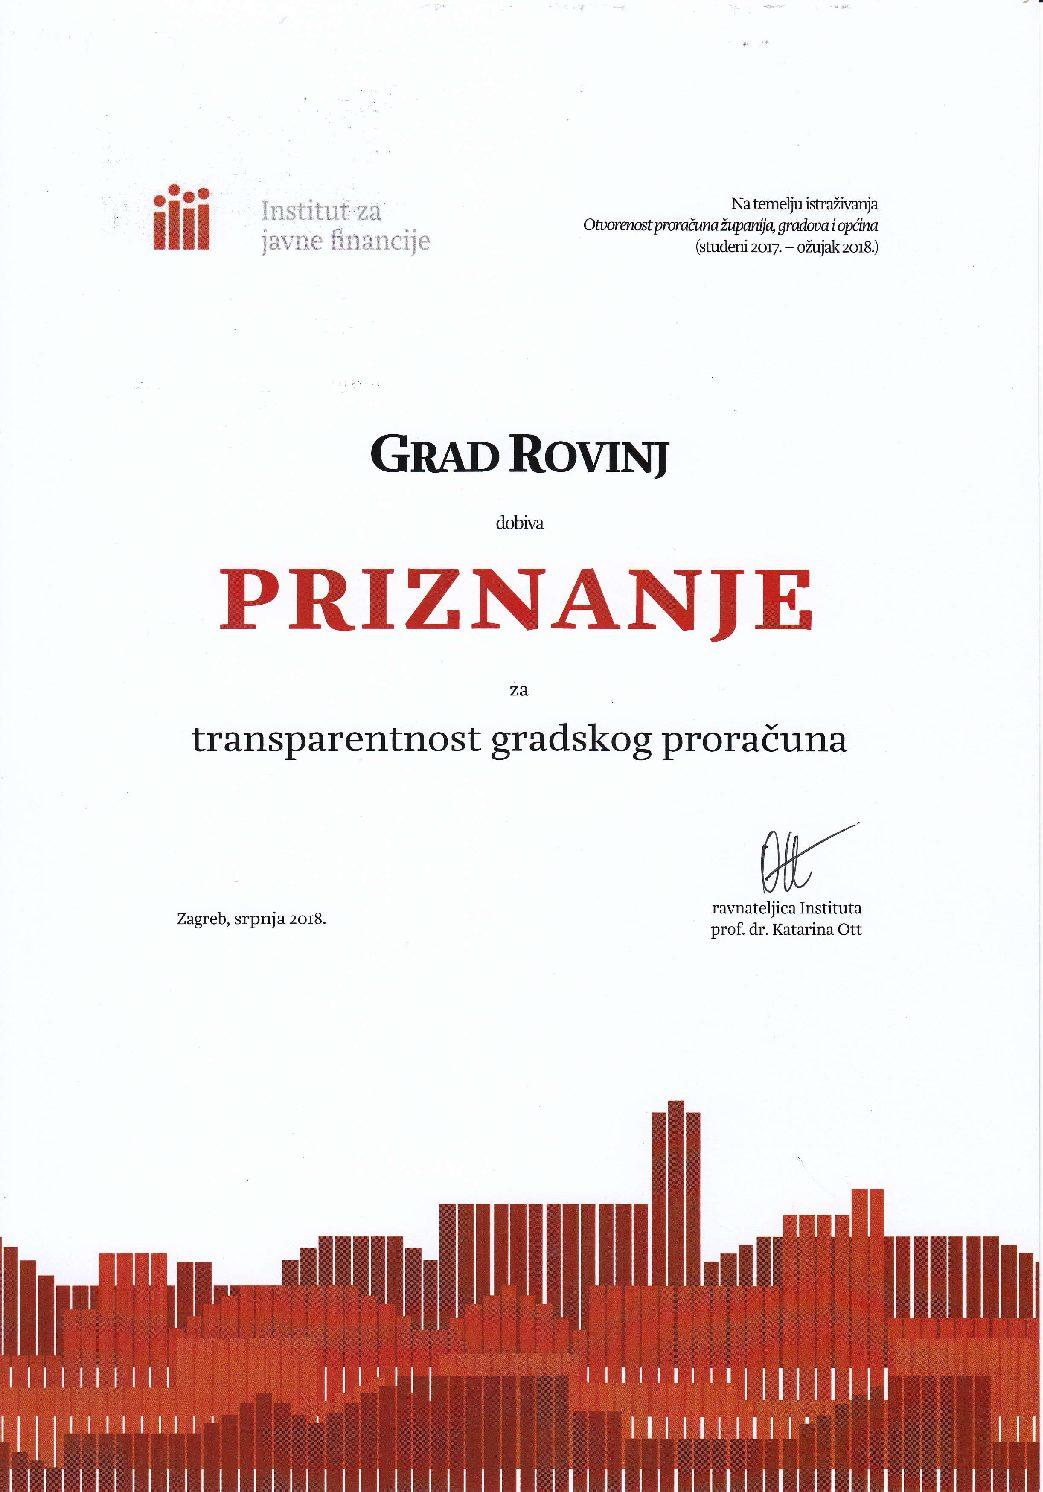 Alla Città di Rovinj-Rovigno è stato assegnato il premio per la trasparenza e la responsabilità dell'autogoverno locale